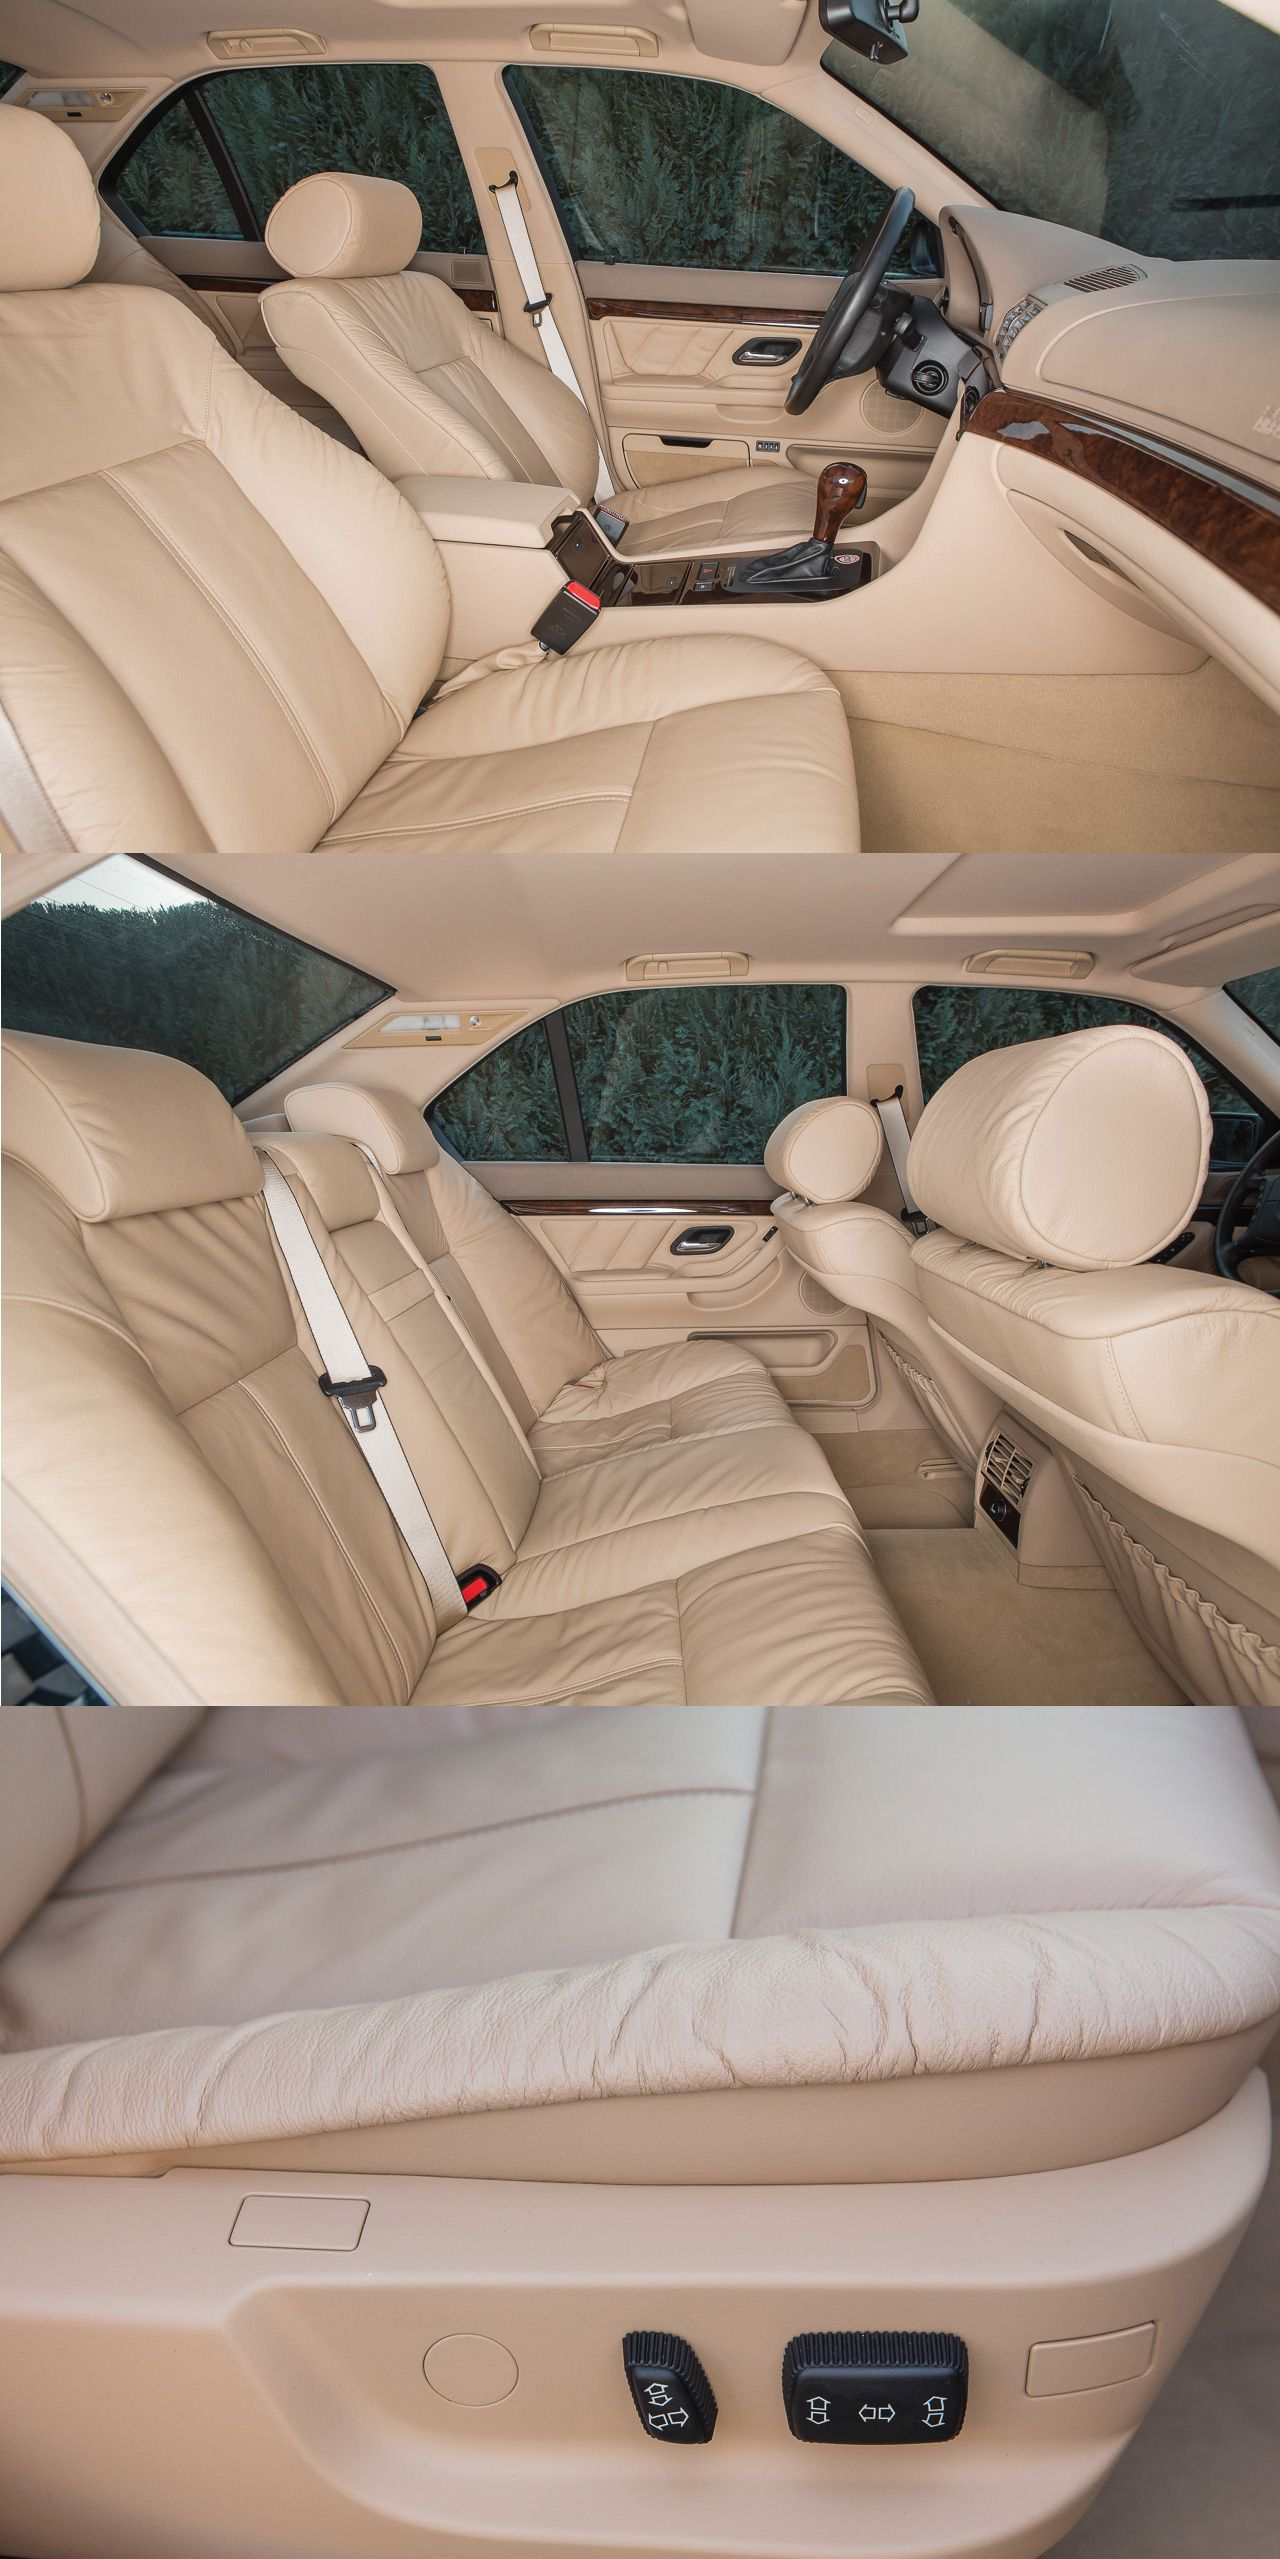 Bmw 740i E38 Fabrycznie Nowe Nie Z Japonii Usa 7092493076 Oficjalne Archiwum Allegro Bmw Car Seats Seating